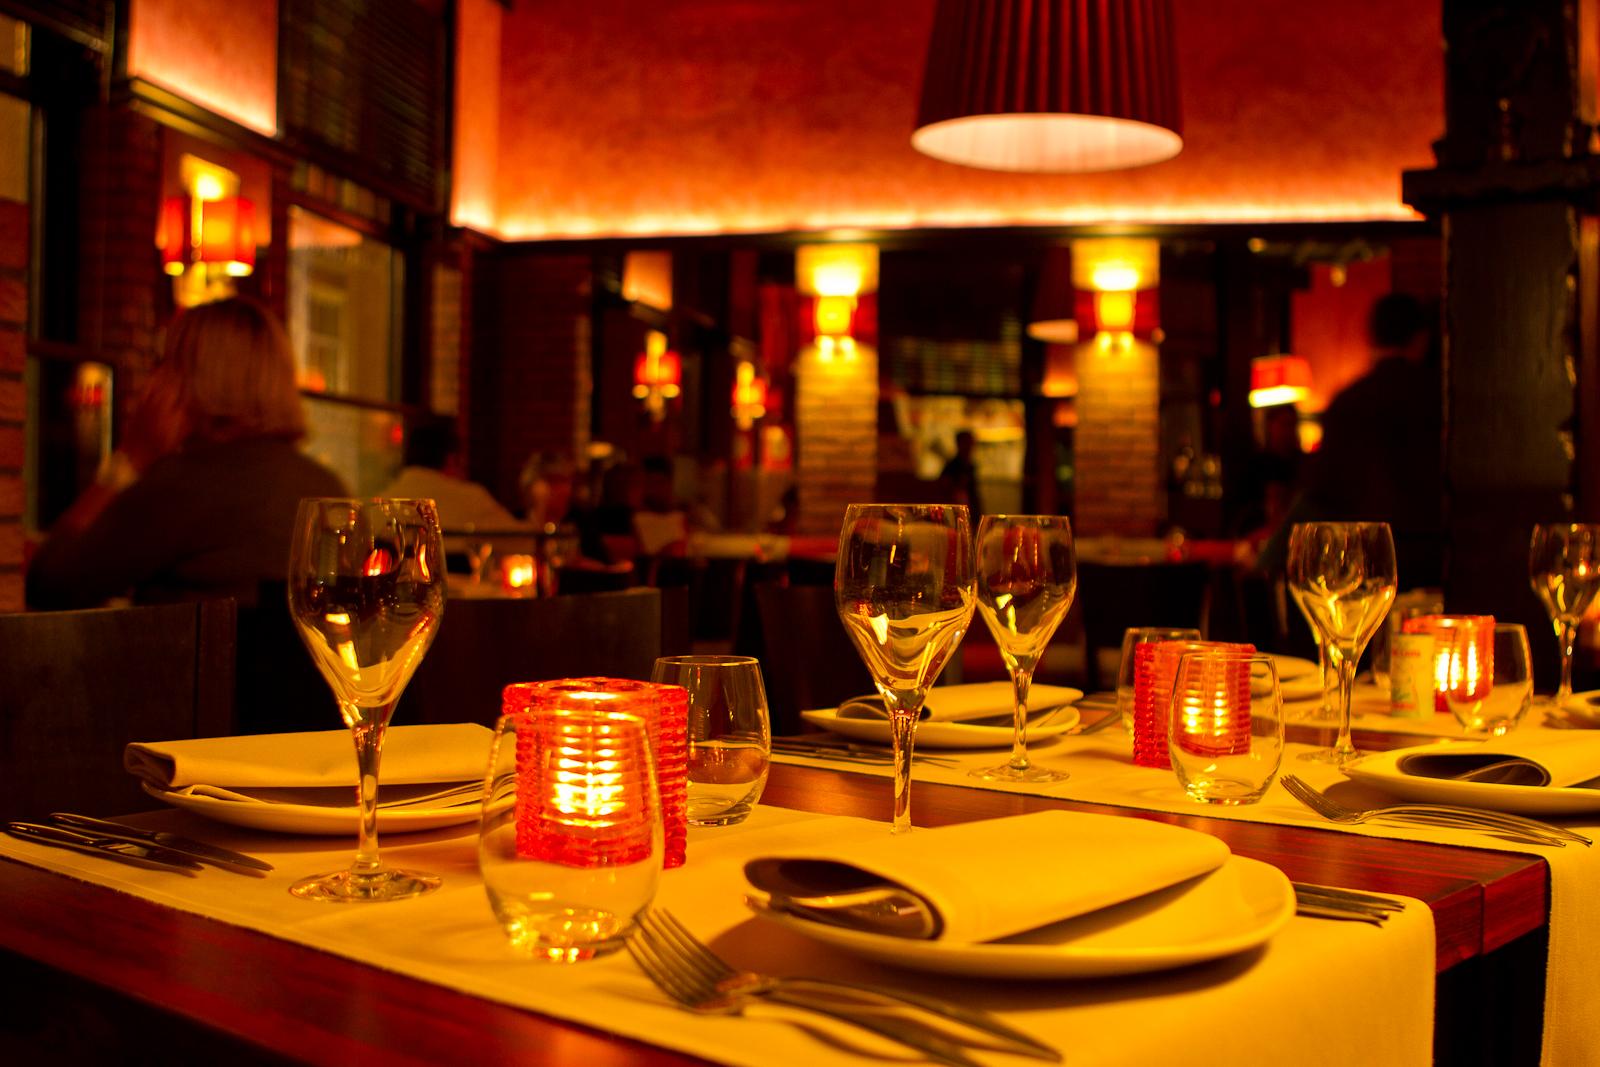 La cueva de castilla restaurant espagnol bruxelles - La cuisine en espagnol ...